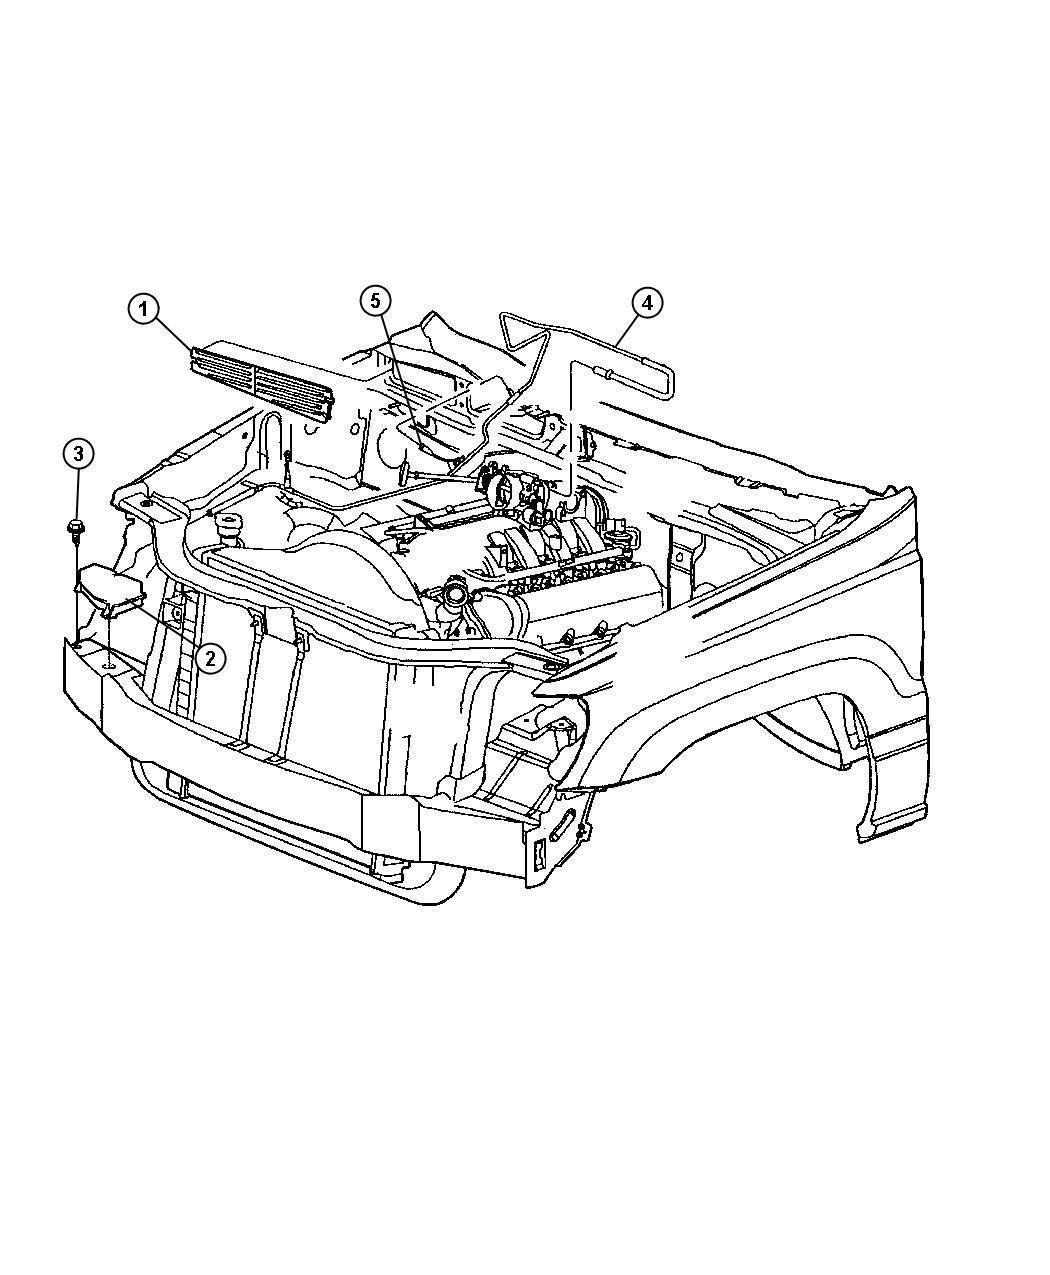 2001 Jeep Grand Cherokee Reservoir  Vacuum  Steering  Controls  Engine